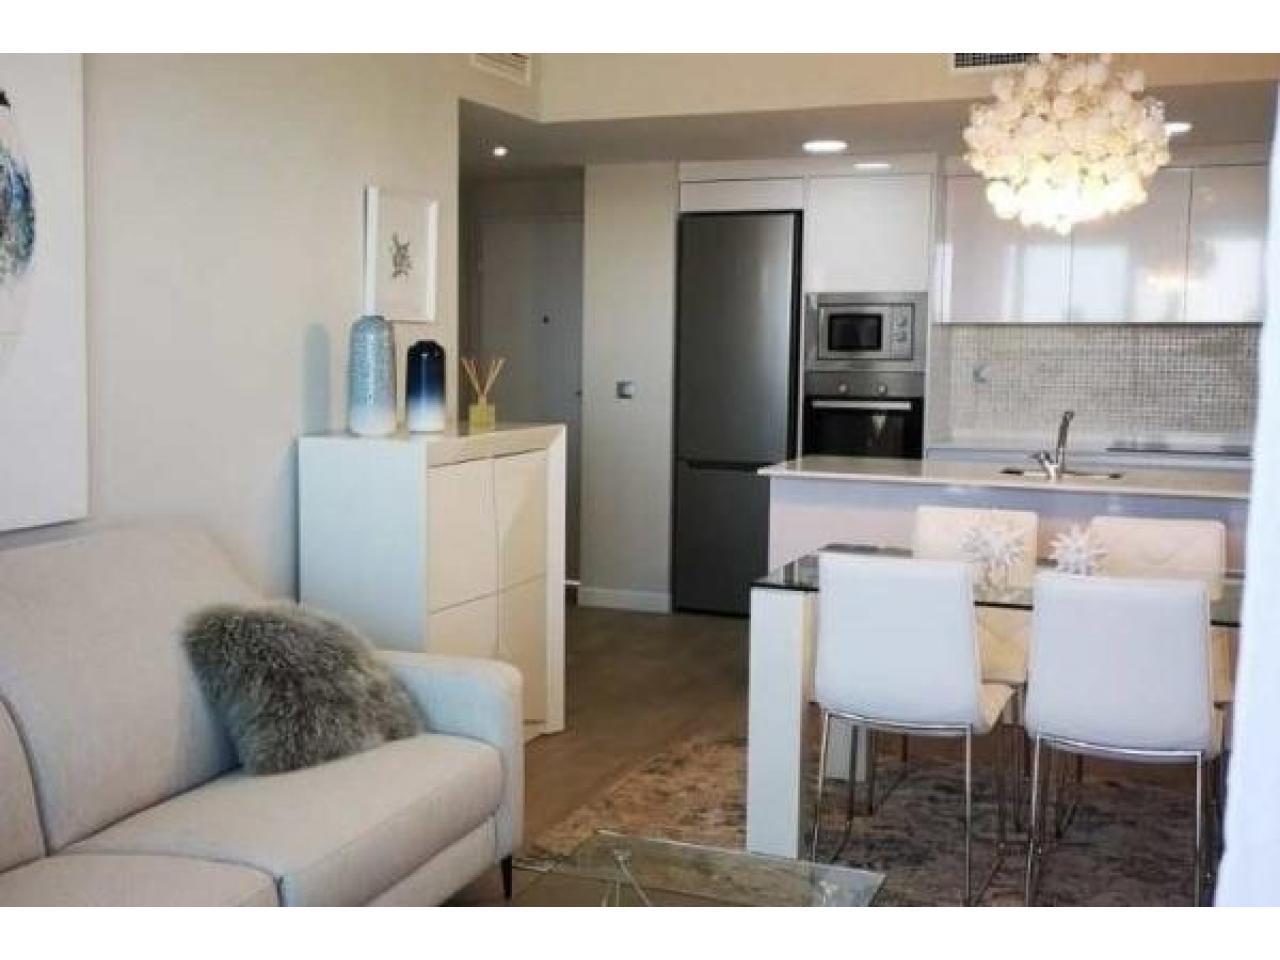 Недвижимость в Испании, Новые квартиры на первой линии пляжа от застройщика в Ла Манга - 2